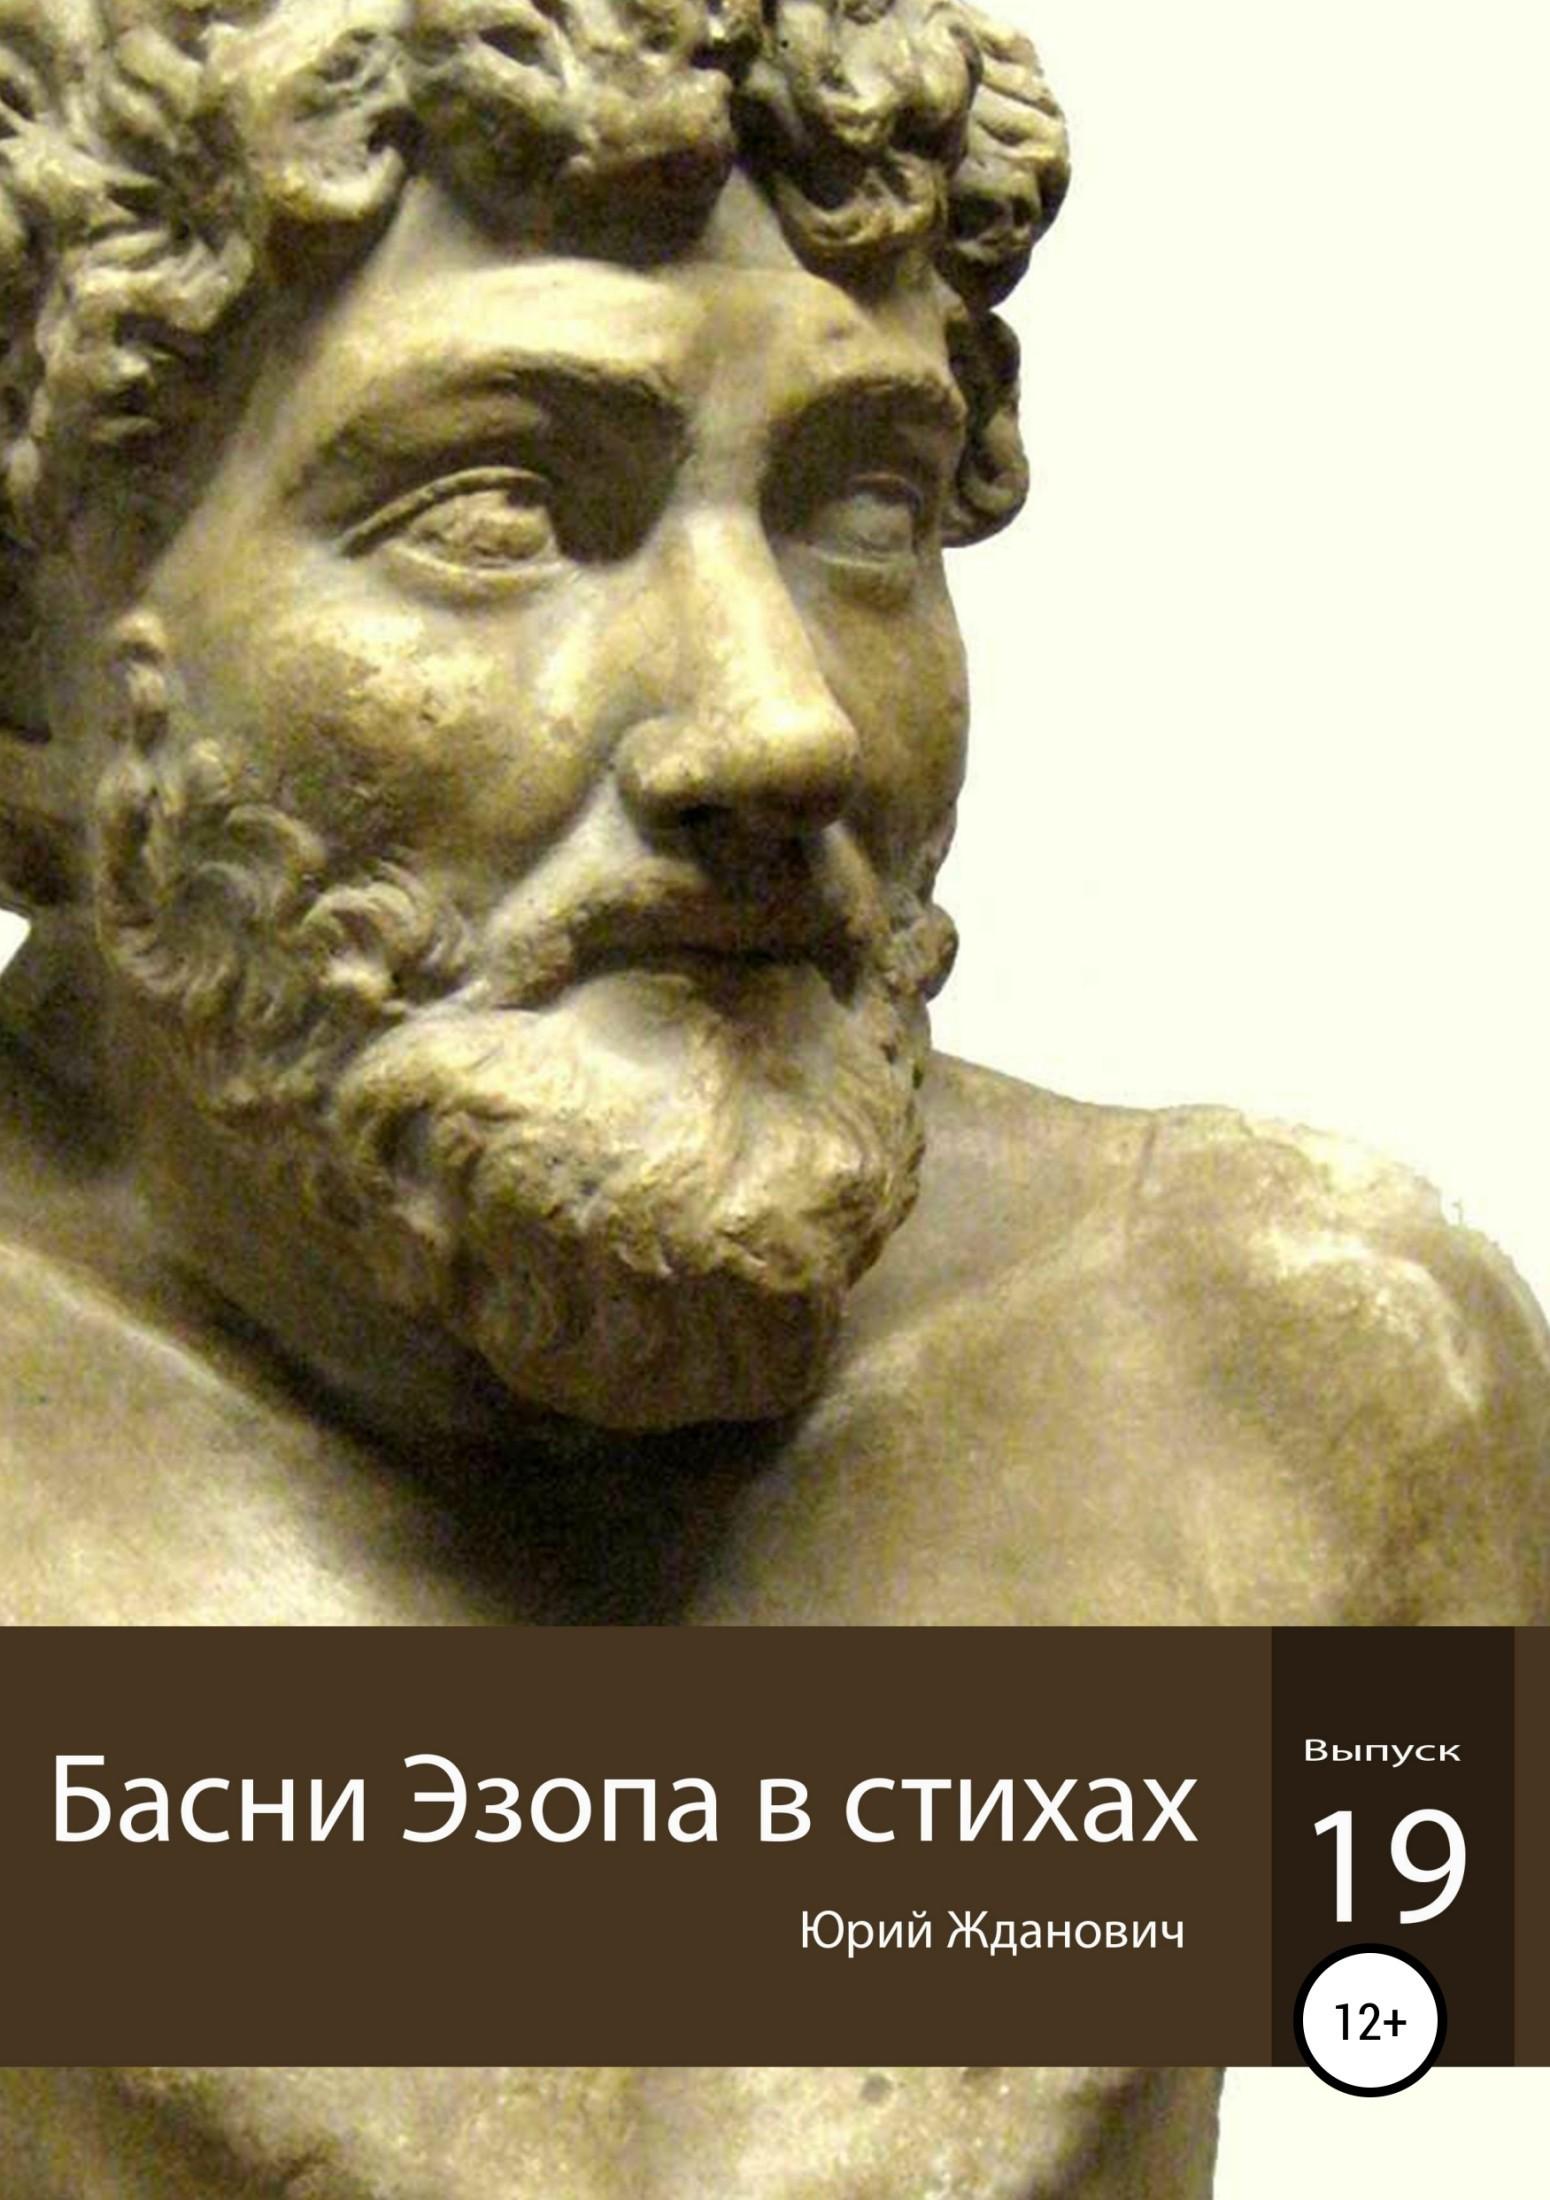 Юрий Михайлович Жданович Басни Эзопа в стихах. Выпуск 19